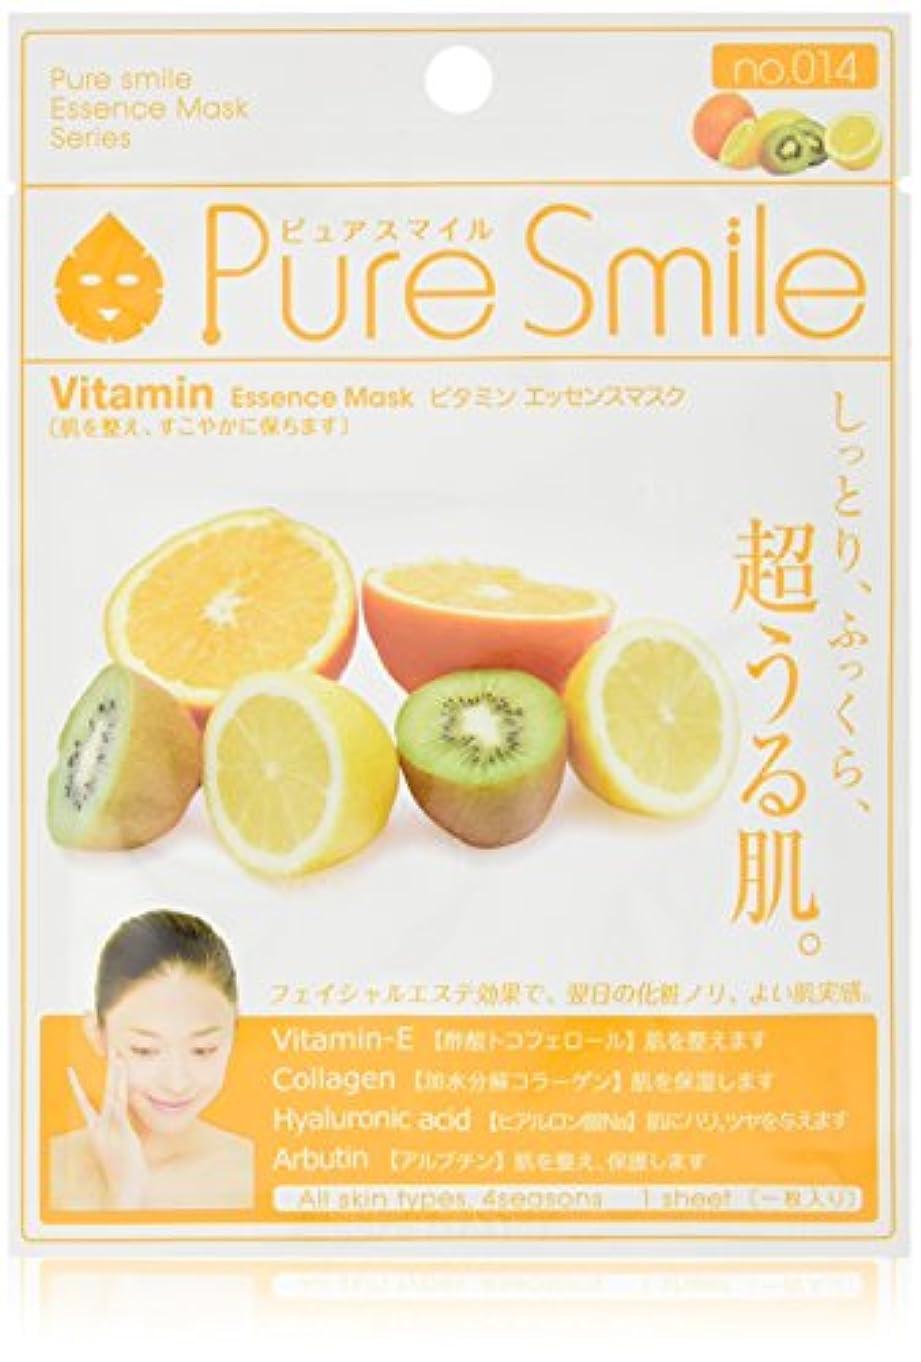 独創的独裁アベニューPure Smile ピュアスマイル エッセンスマスク ビタミン 6枚セット